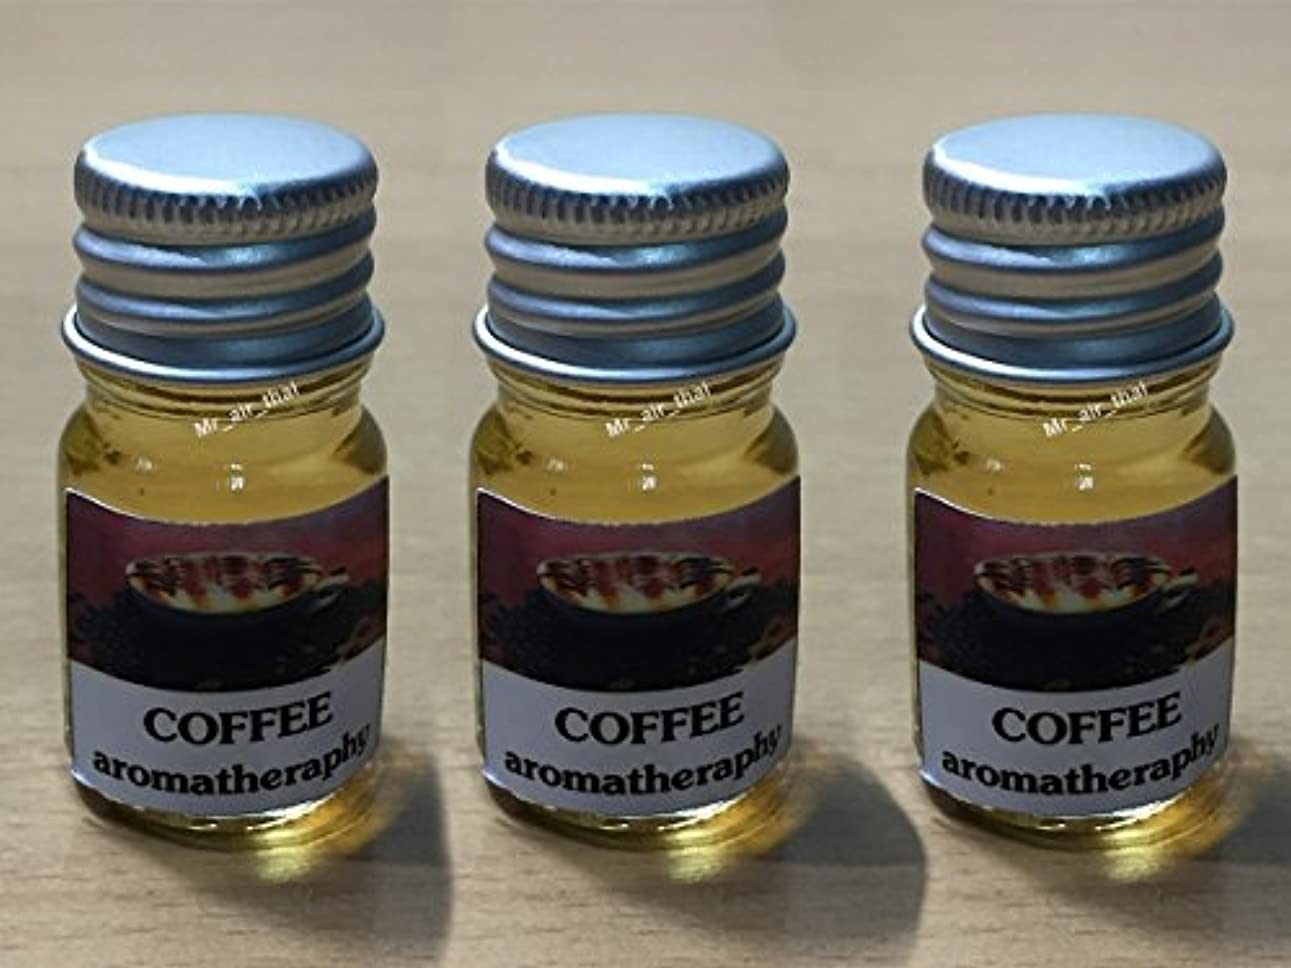 ぴったりコスチューム人形3個セット 5ミリリットルアロマコーヒーフランクインセンスエッセンシャルオイルボトルアロマテラピーオイル自然自然 3PC 5ml Aroma Coffee Frankincense Essential Oil Bottles...